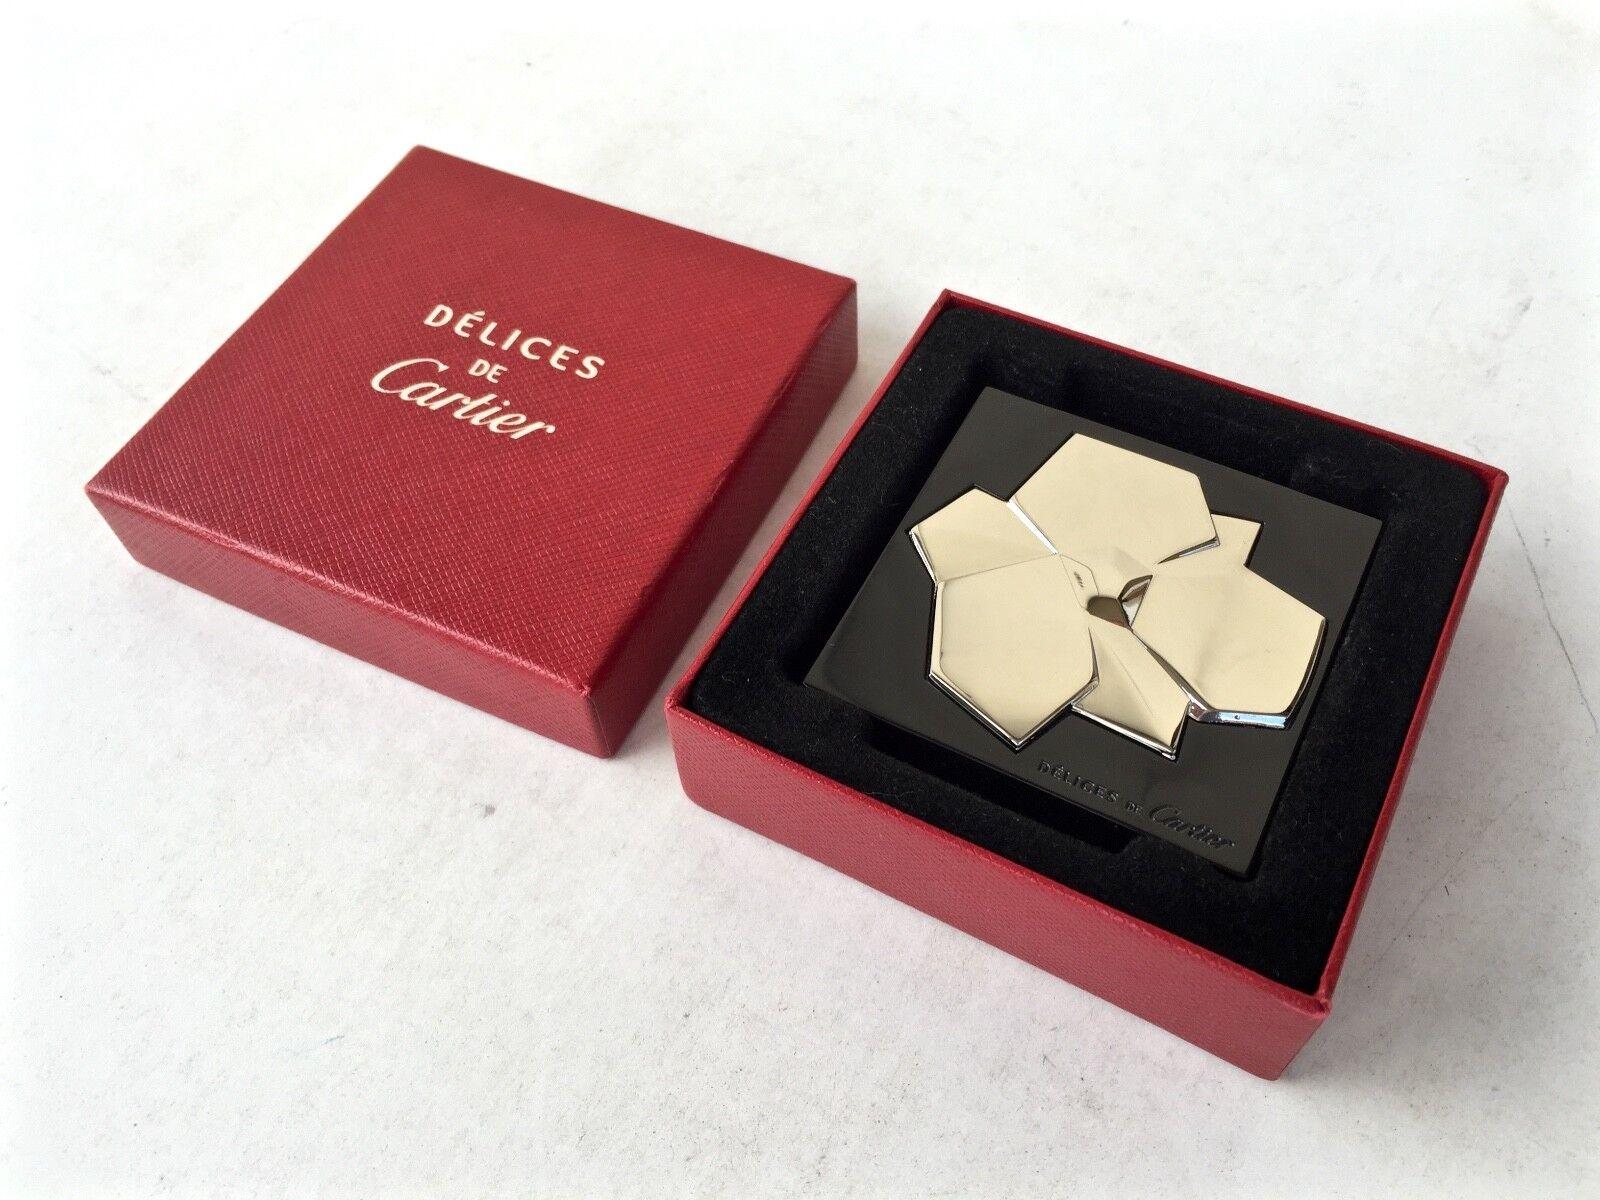 Specchio da viaggio Cartier borsa mirar bag mirior de sac purse mirror delices